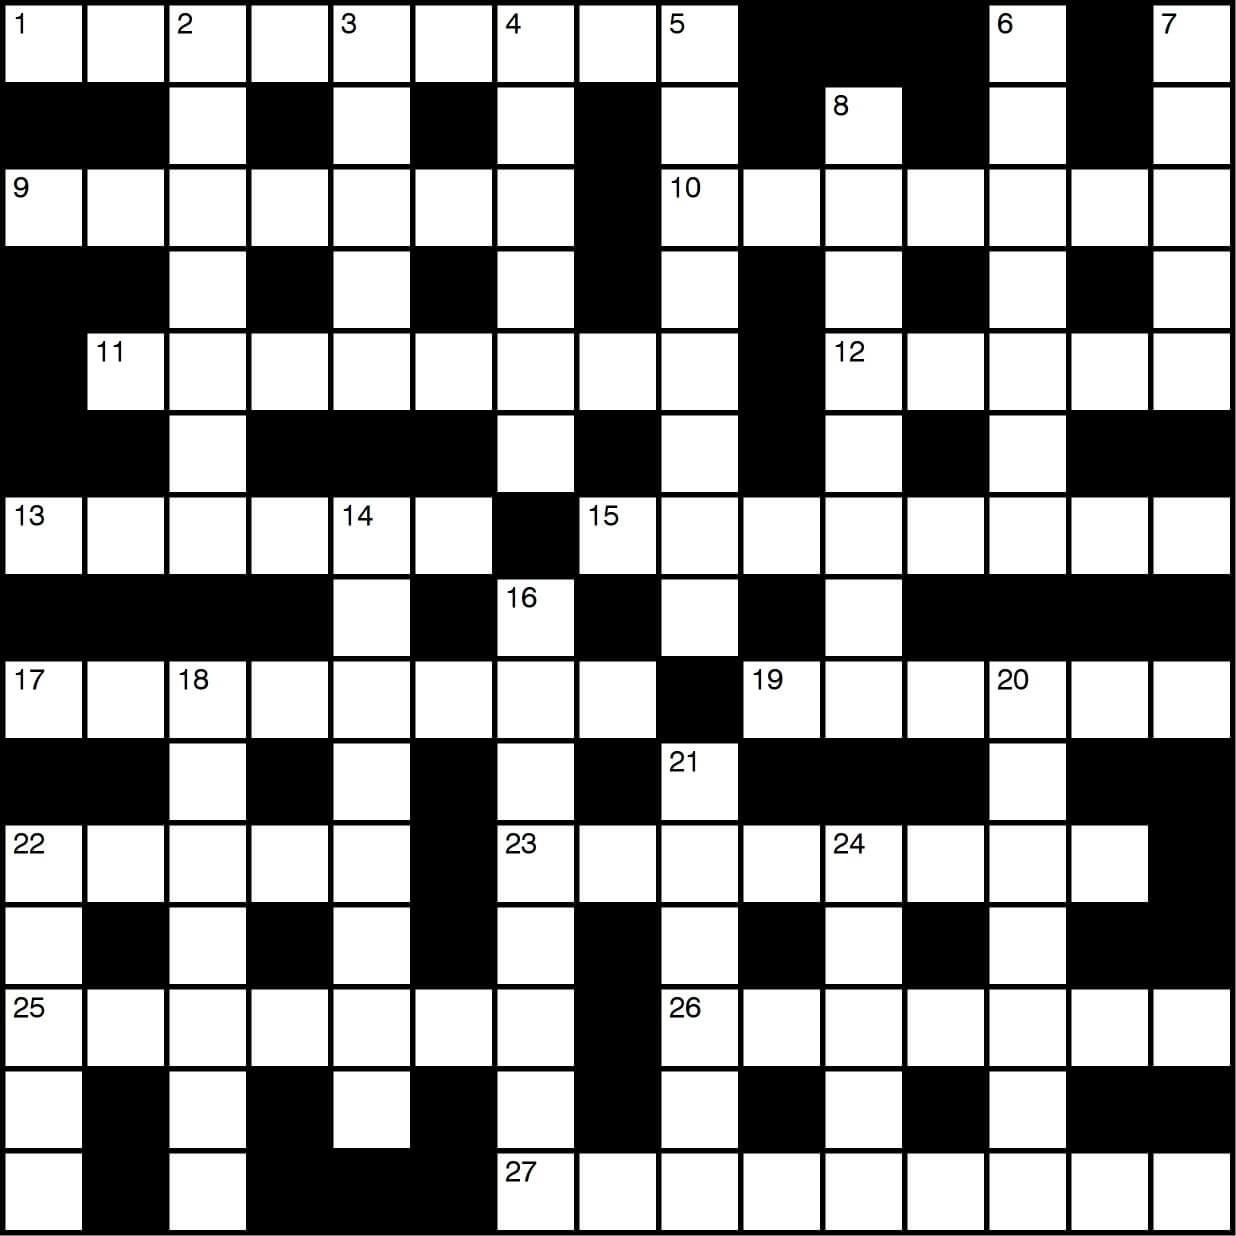 missing-vowels-uk-10